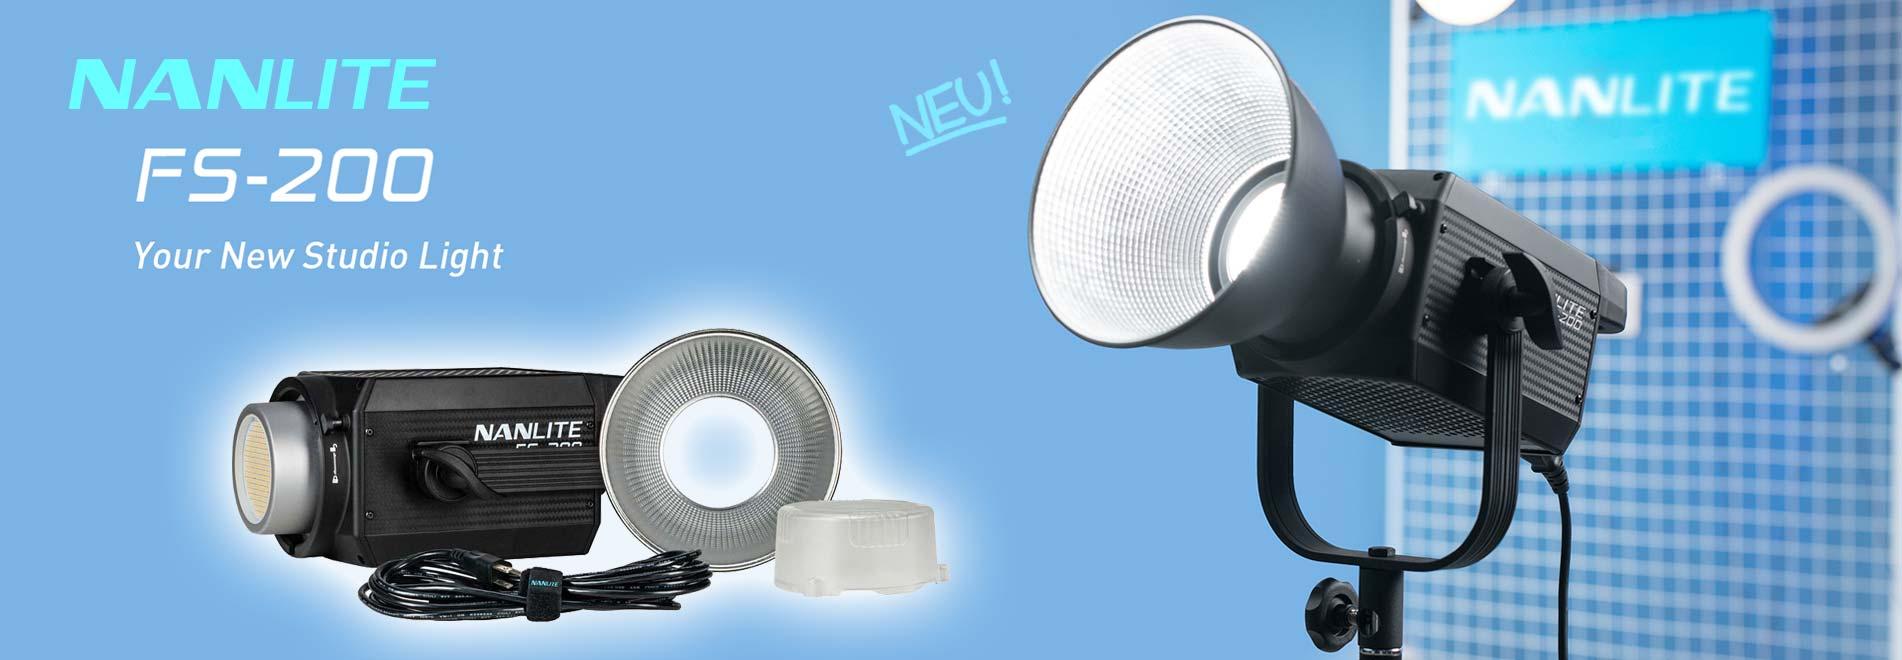 NANLITE FS-200 LED-Studioleuchte Studiolicht